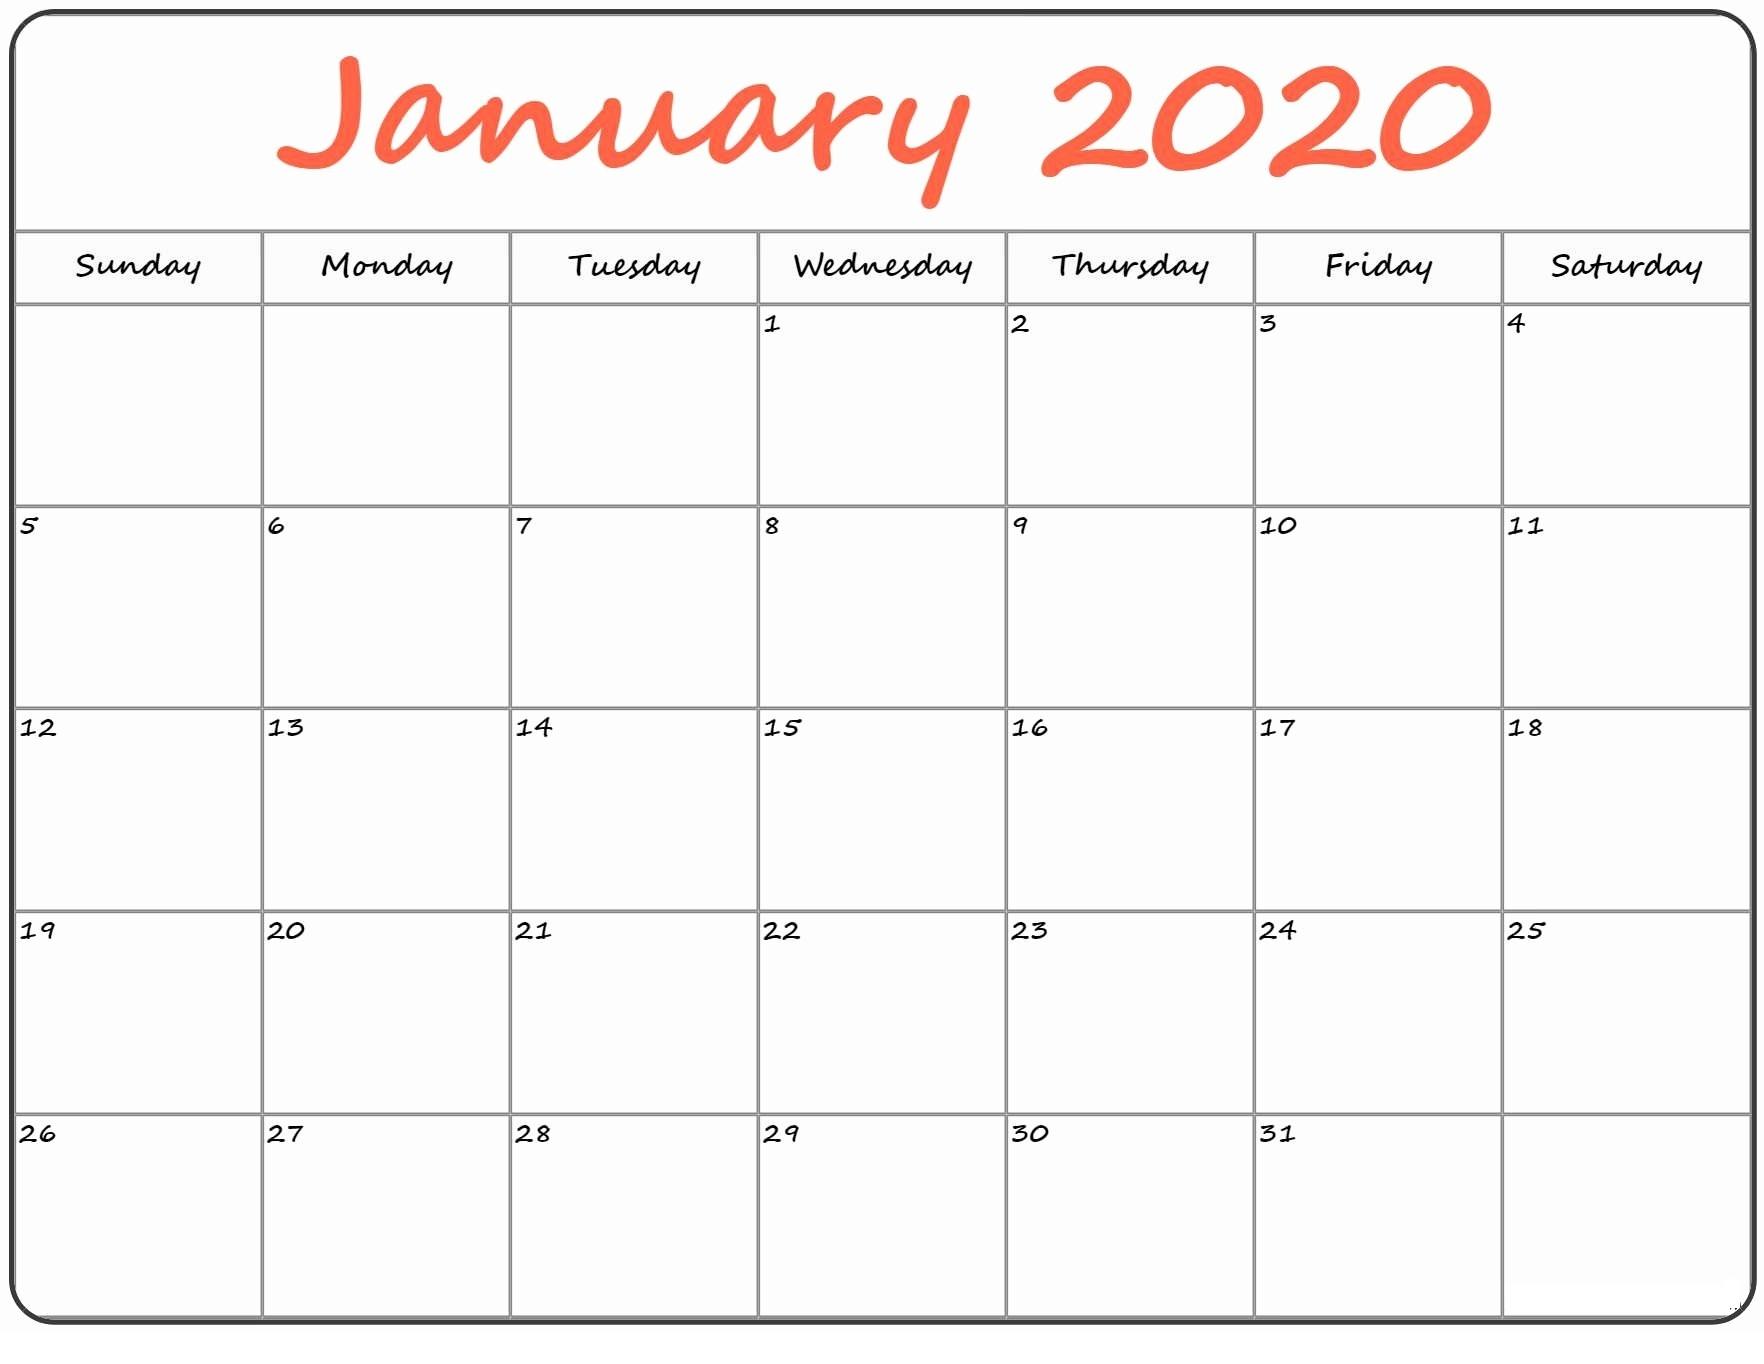 January Calendar 2020 Cute